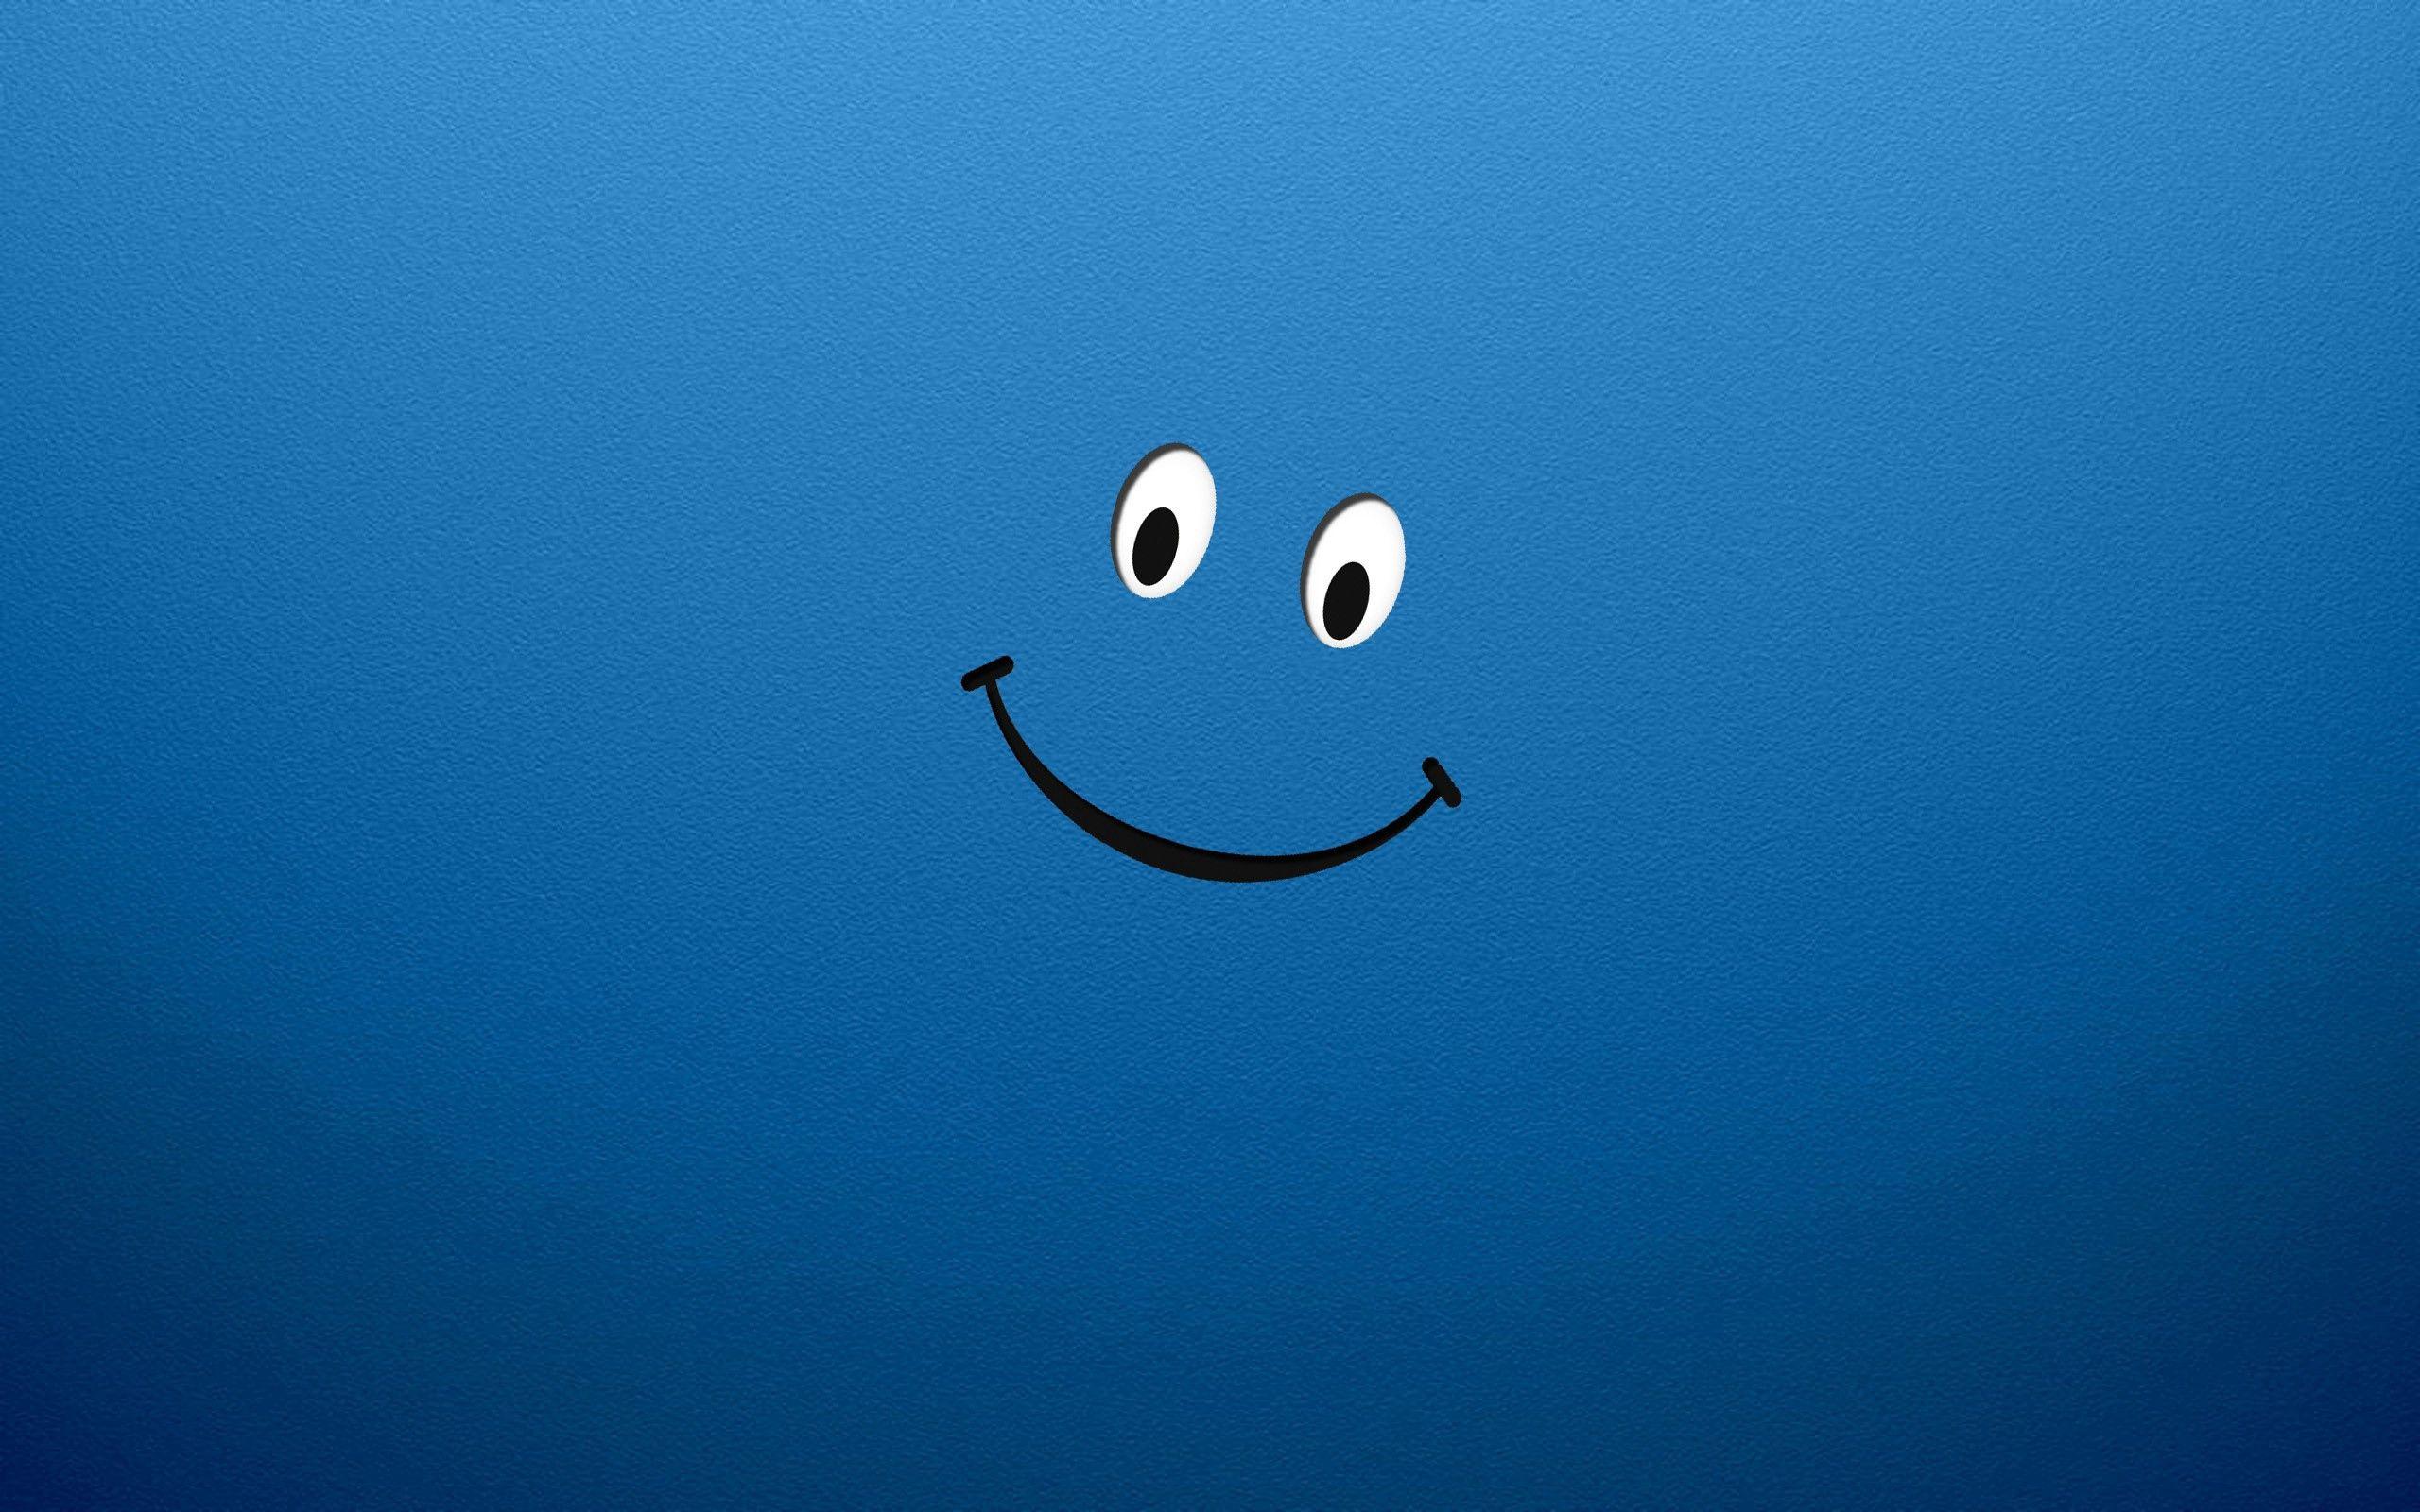 58394 завантажити шпалери Вектор, Синій, Малюнок, Креслення, Смайл, Посміхатися - заставки і картинки безкоштовно